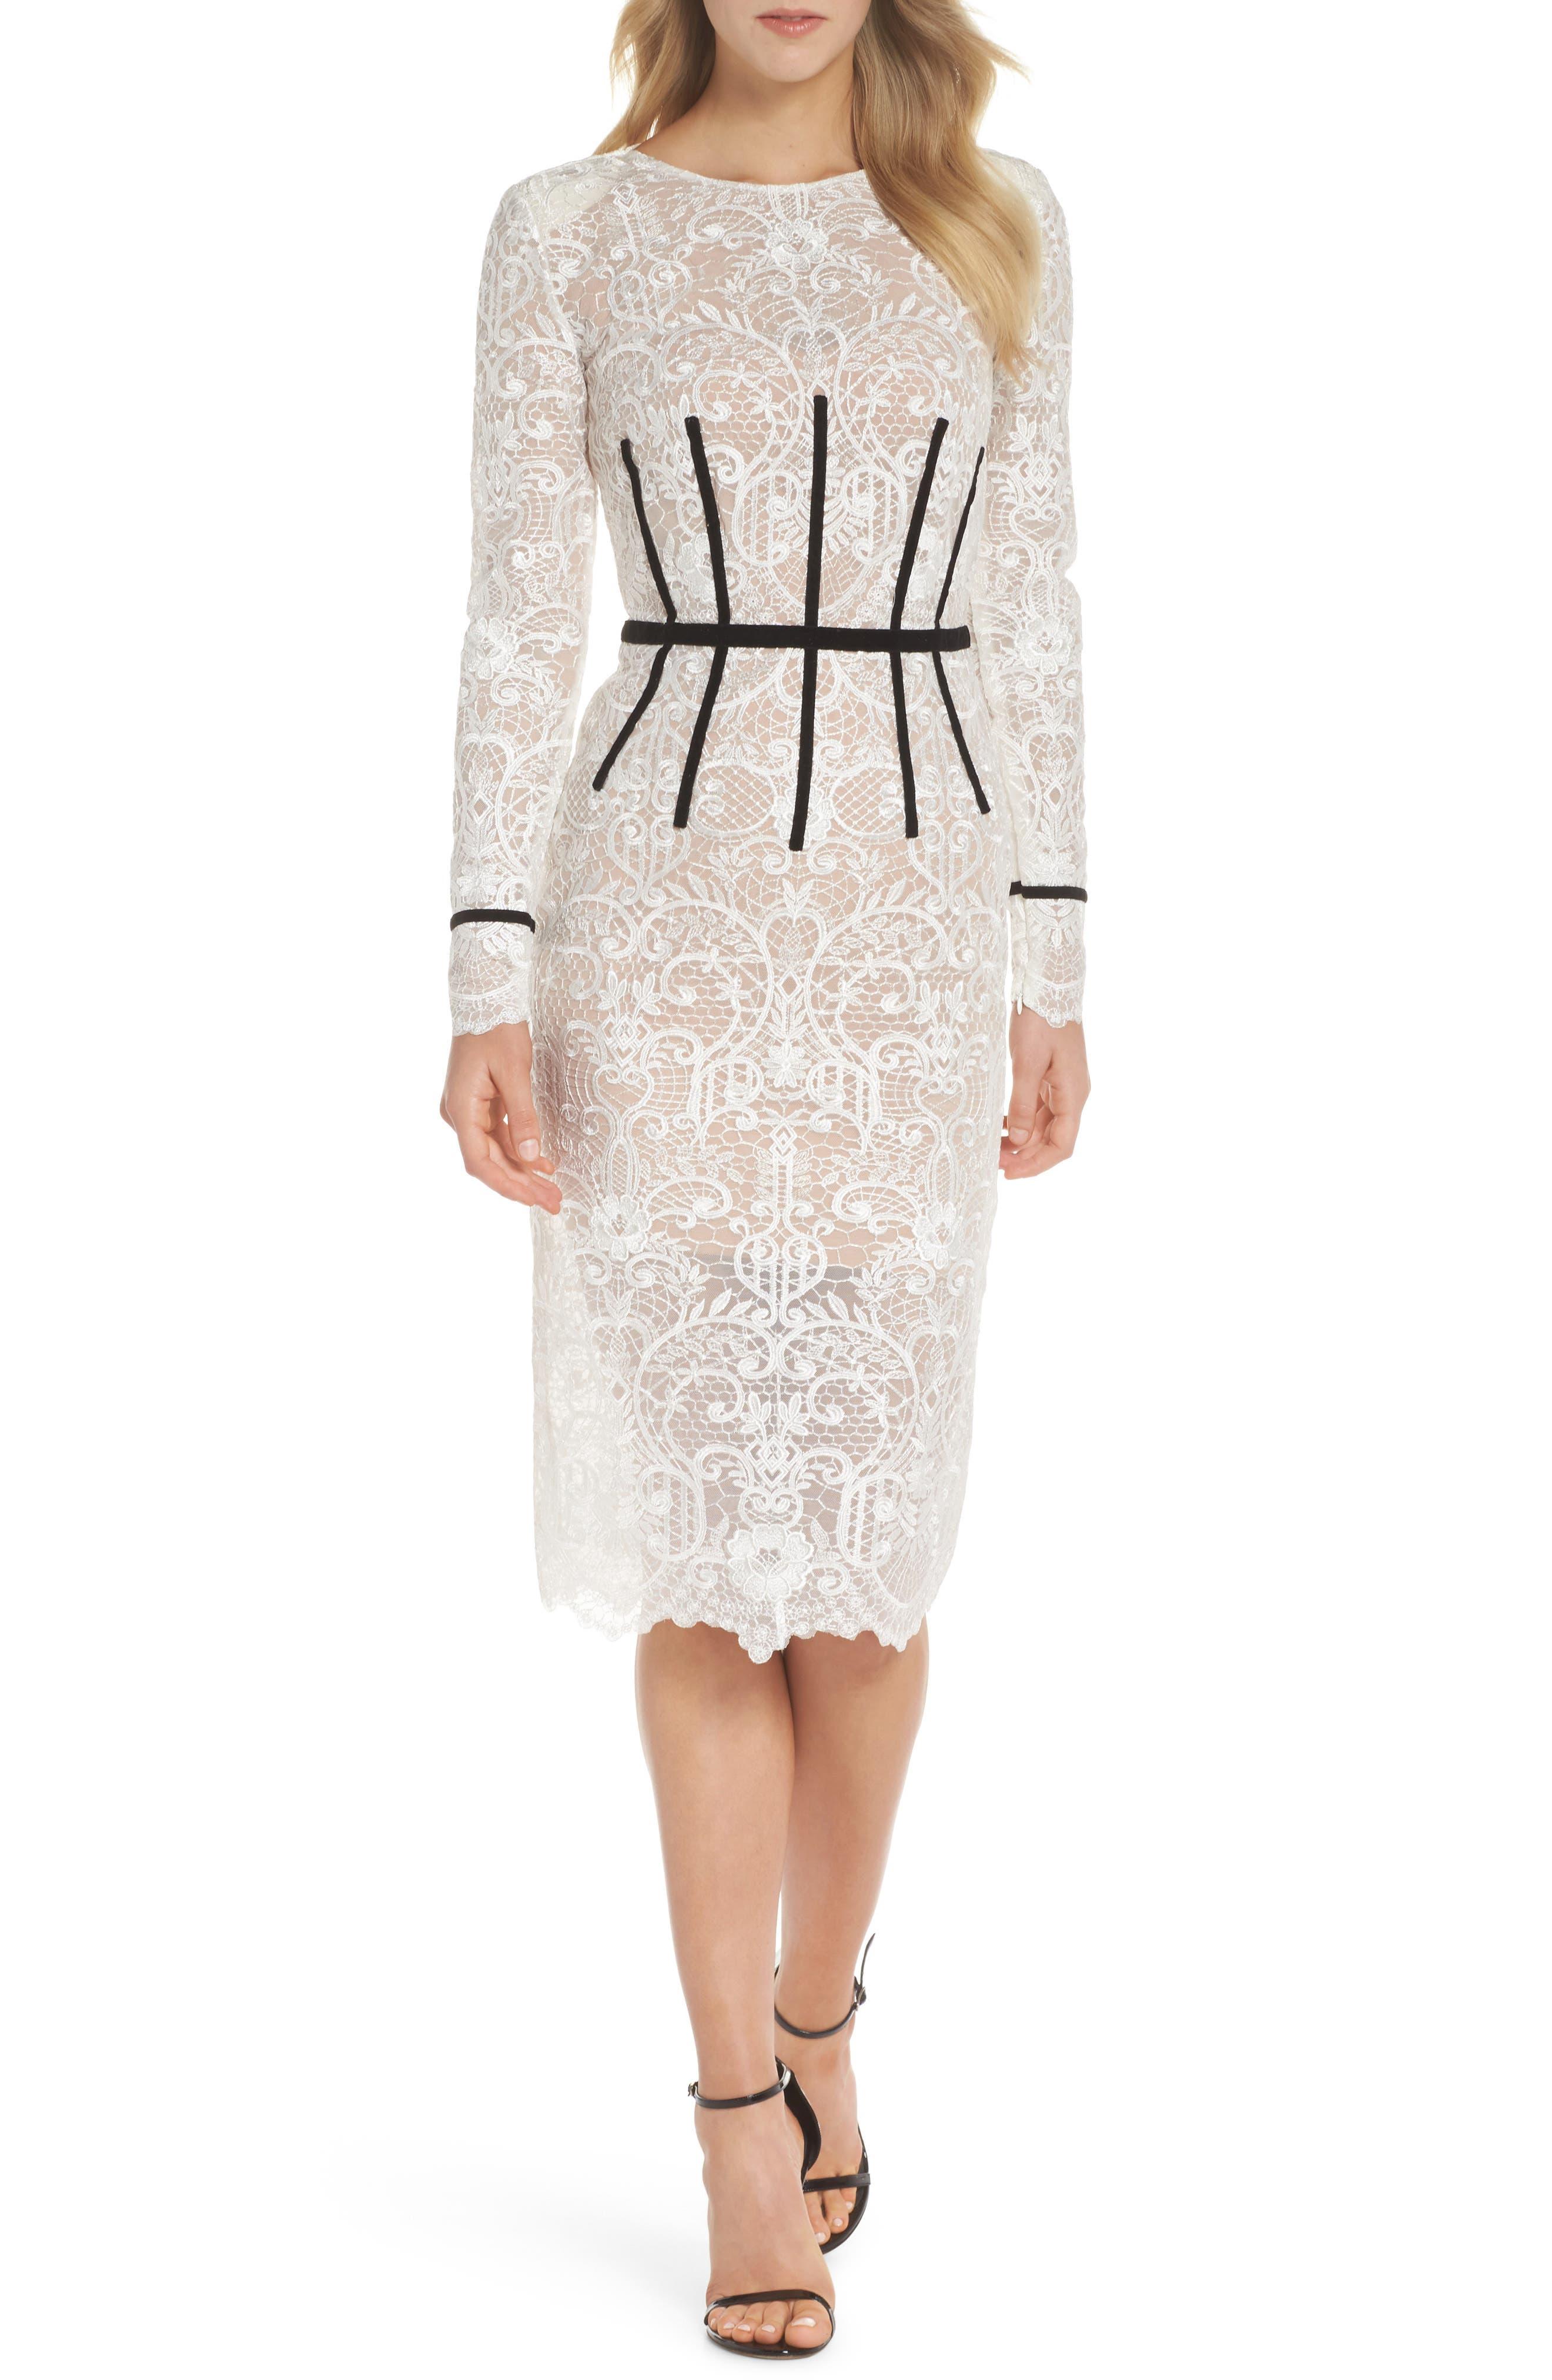 Venice Derby Lace Pencil Dress,                         Main,                         color, White/ Black